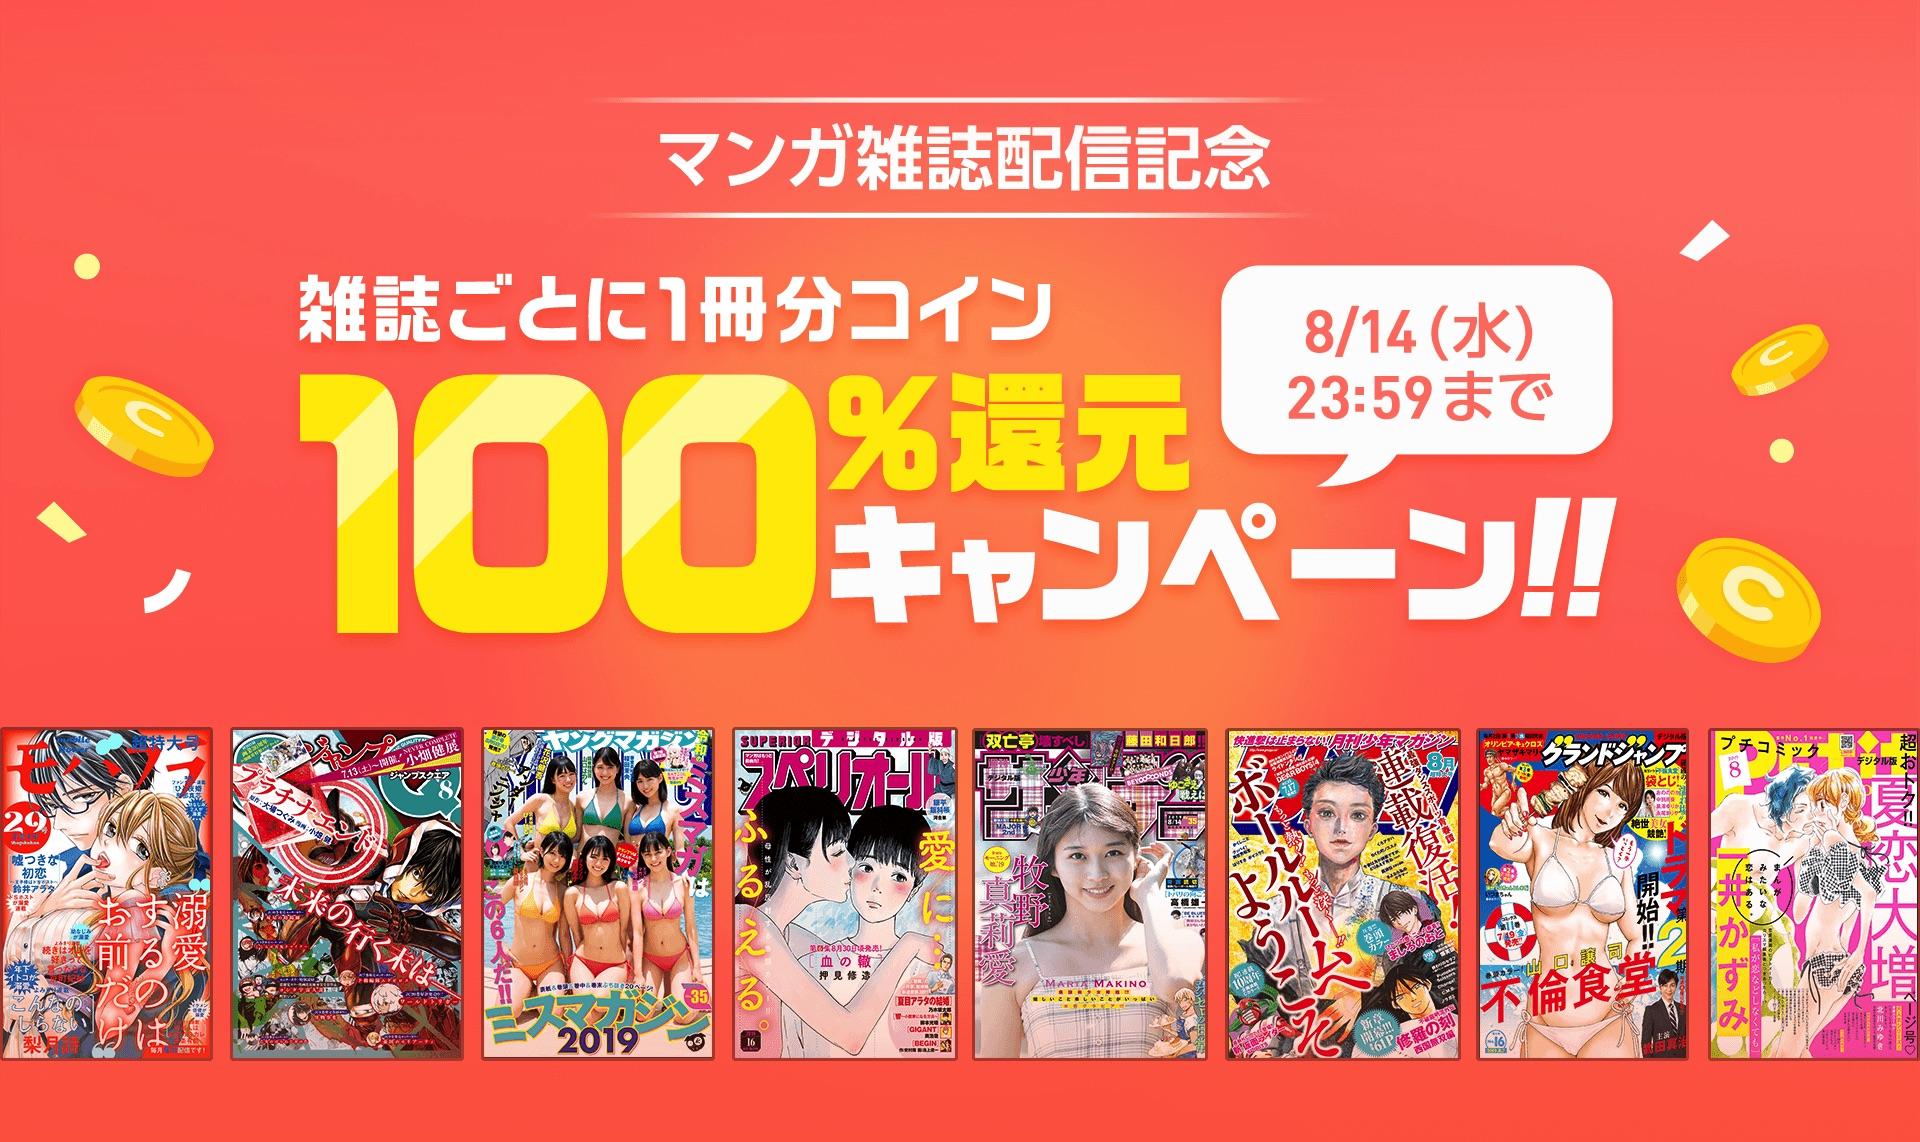 マンガ雑誌 配信記念キャンペーン